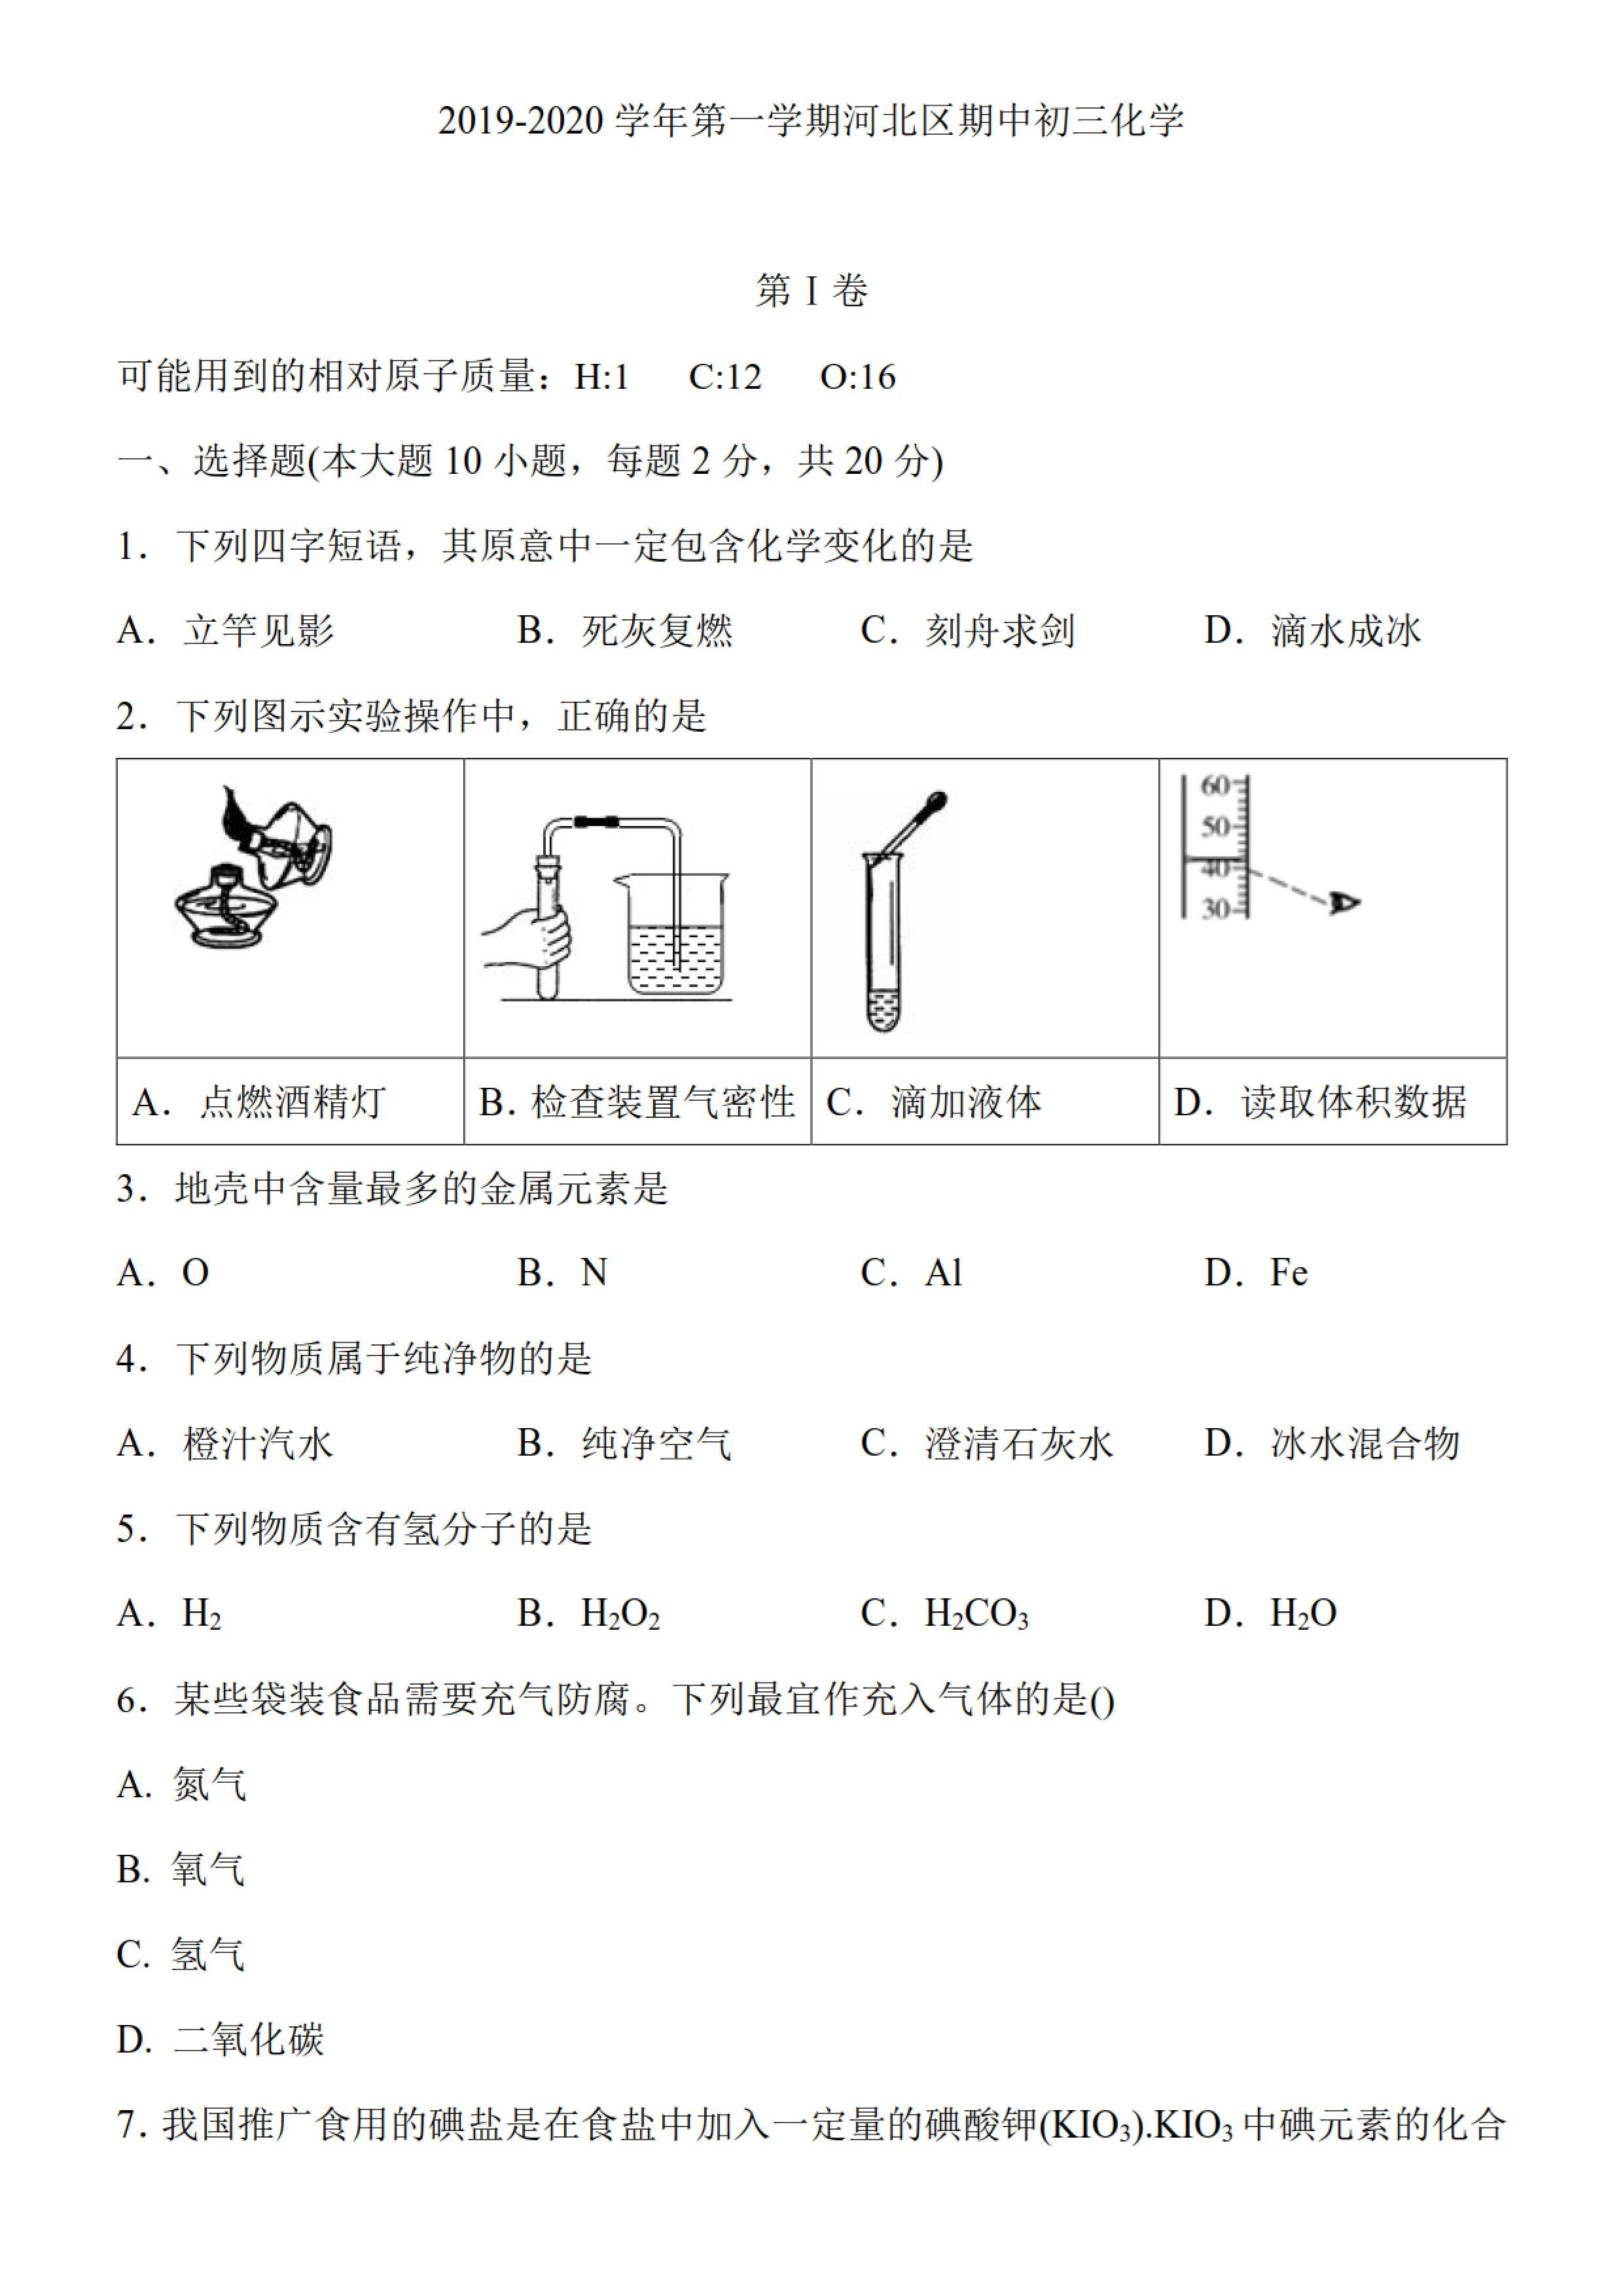 2019-2020天津河北区初三期中化学模拟试题及答案(PDF下载版)